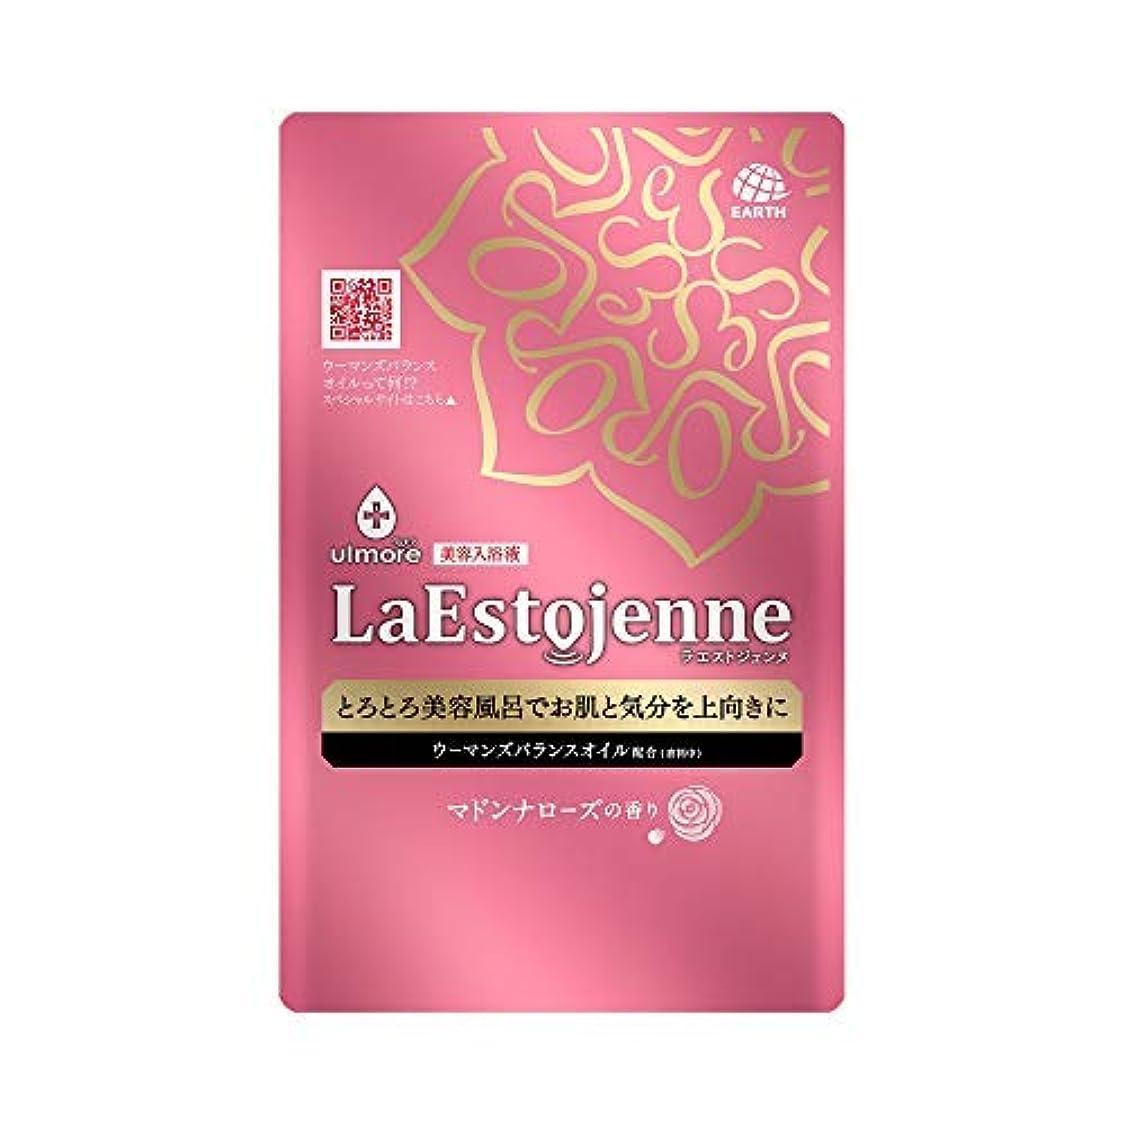 退却病な耐えるウルモア ラエストジェンヌ マドンナローズの香り 1包 × 3個セット